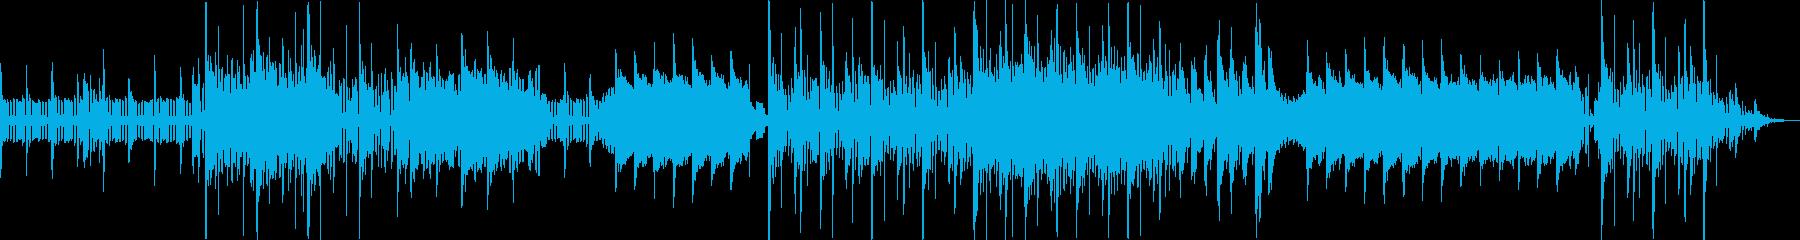 若干レトロな雰囲気のゲームBGMの再生済みの波形